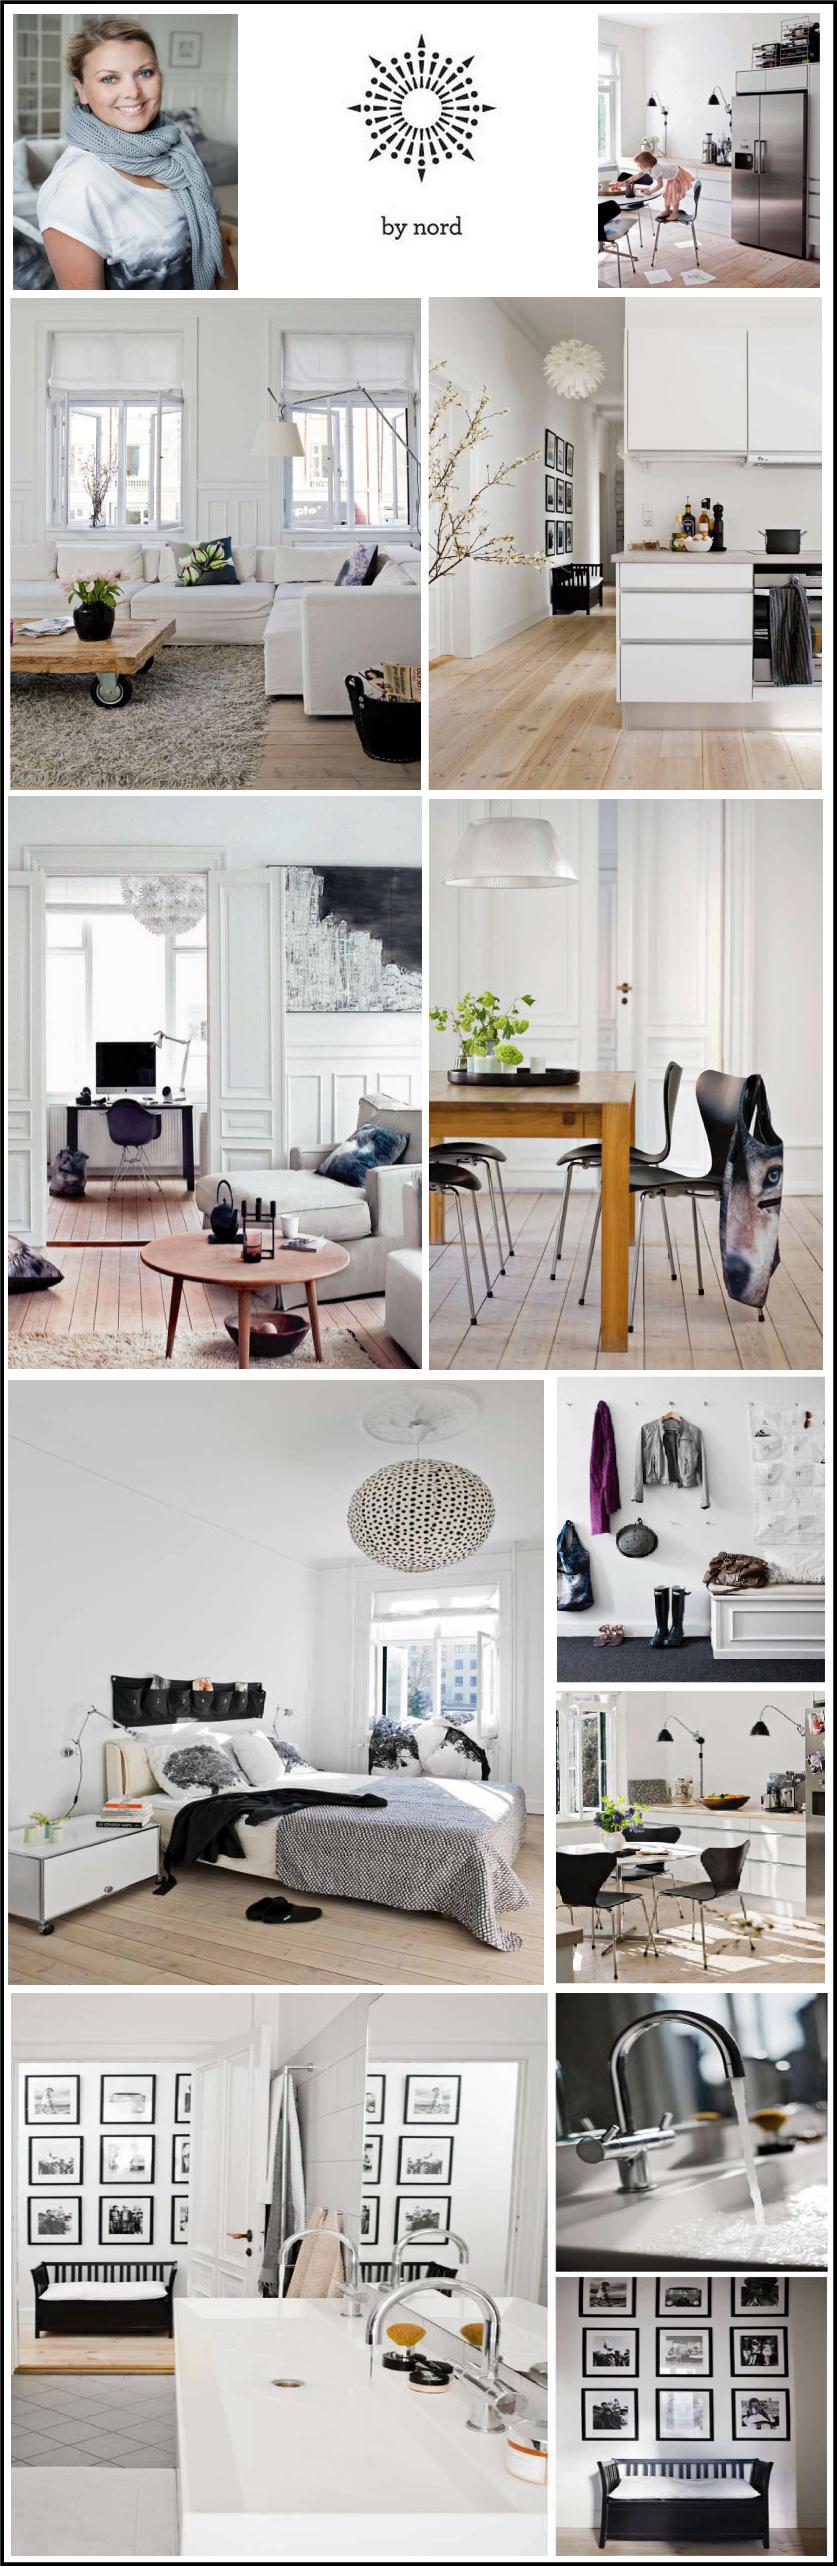 by nord marque danoise de décoration et linge de maison inspirée de la nature scandinave par chiara stella home